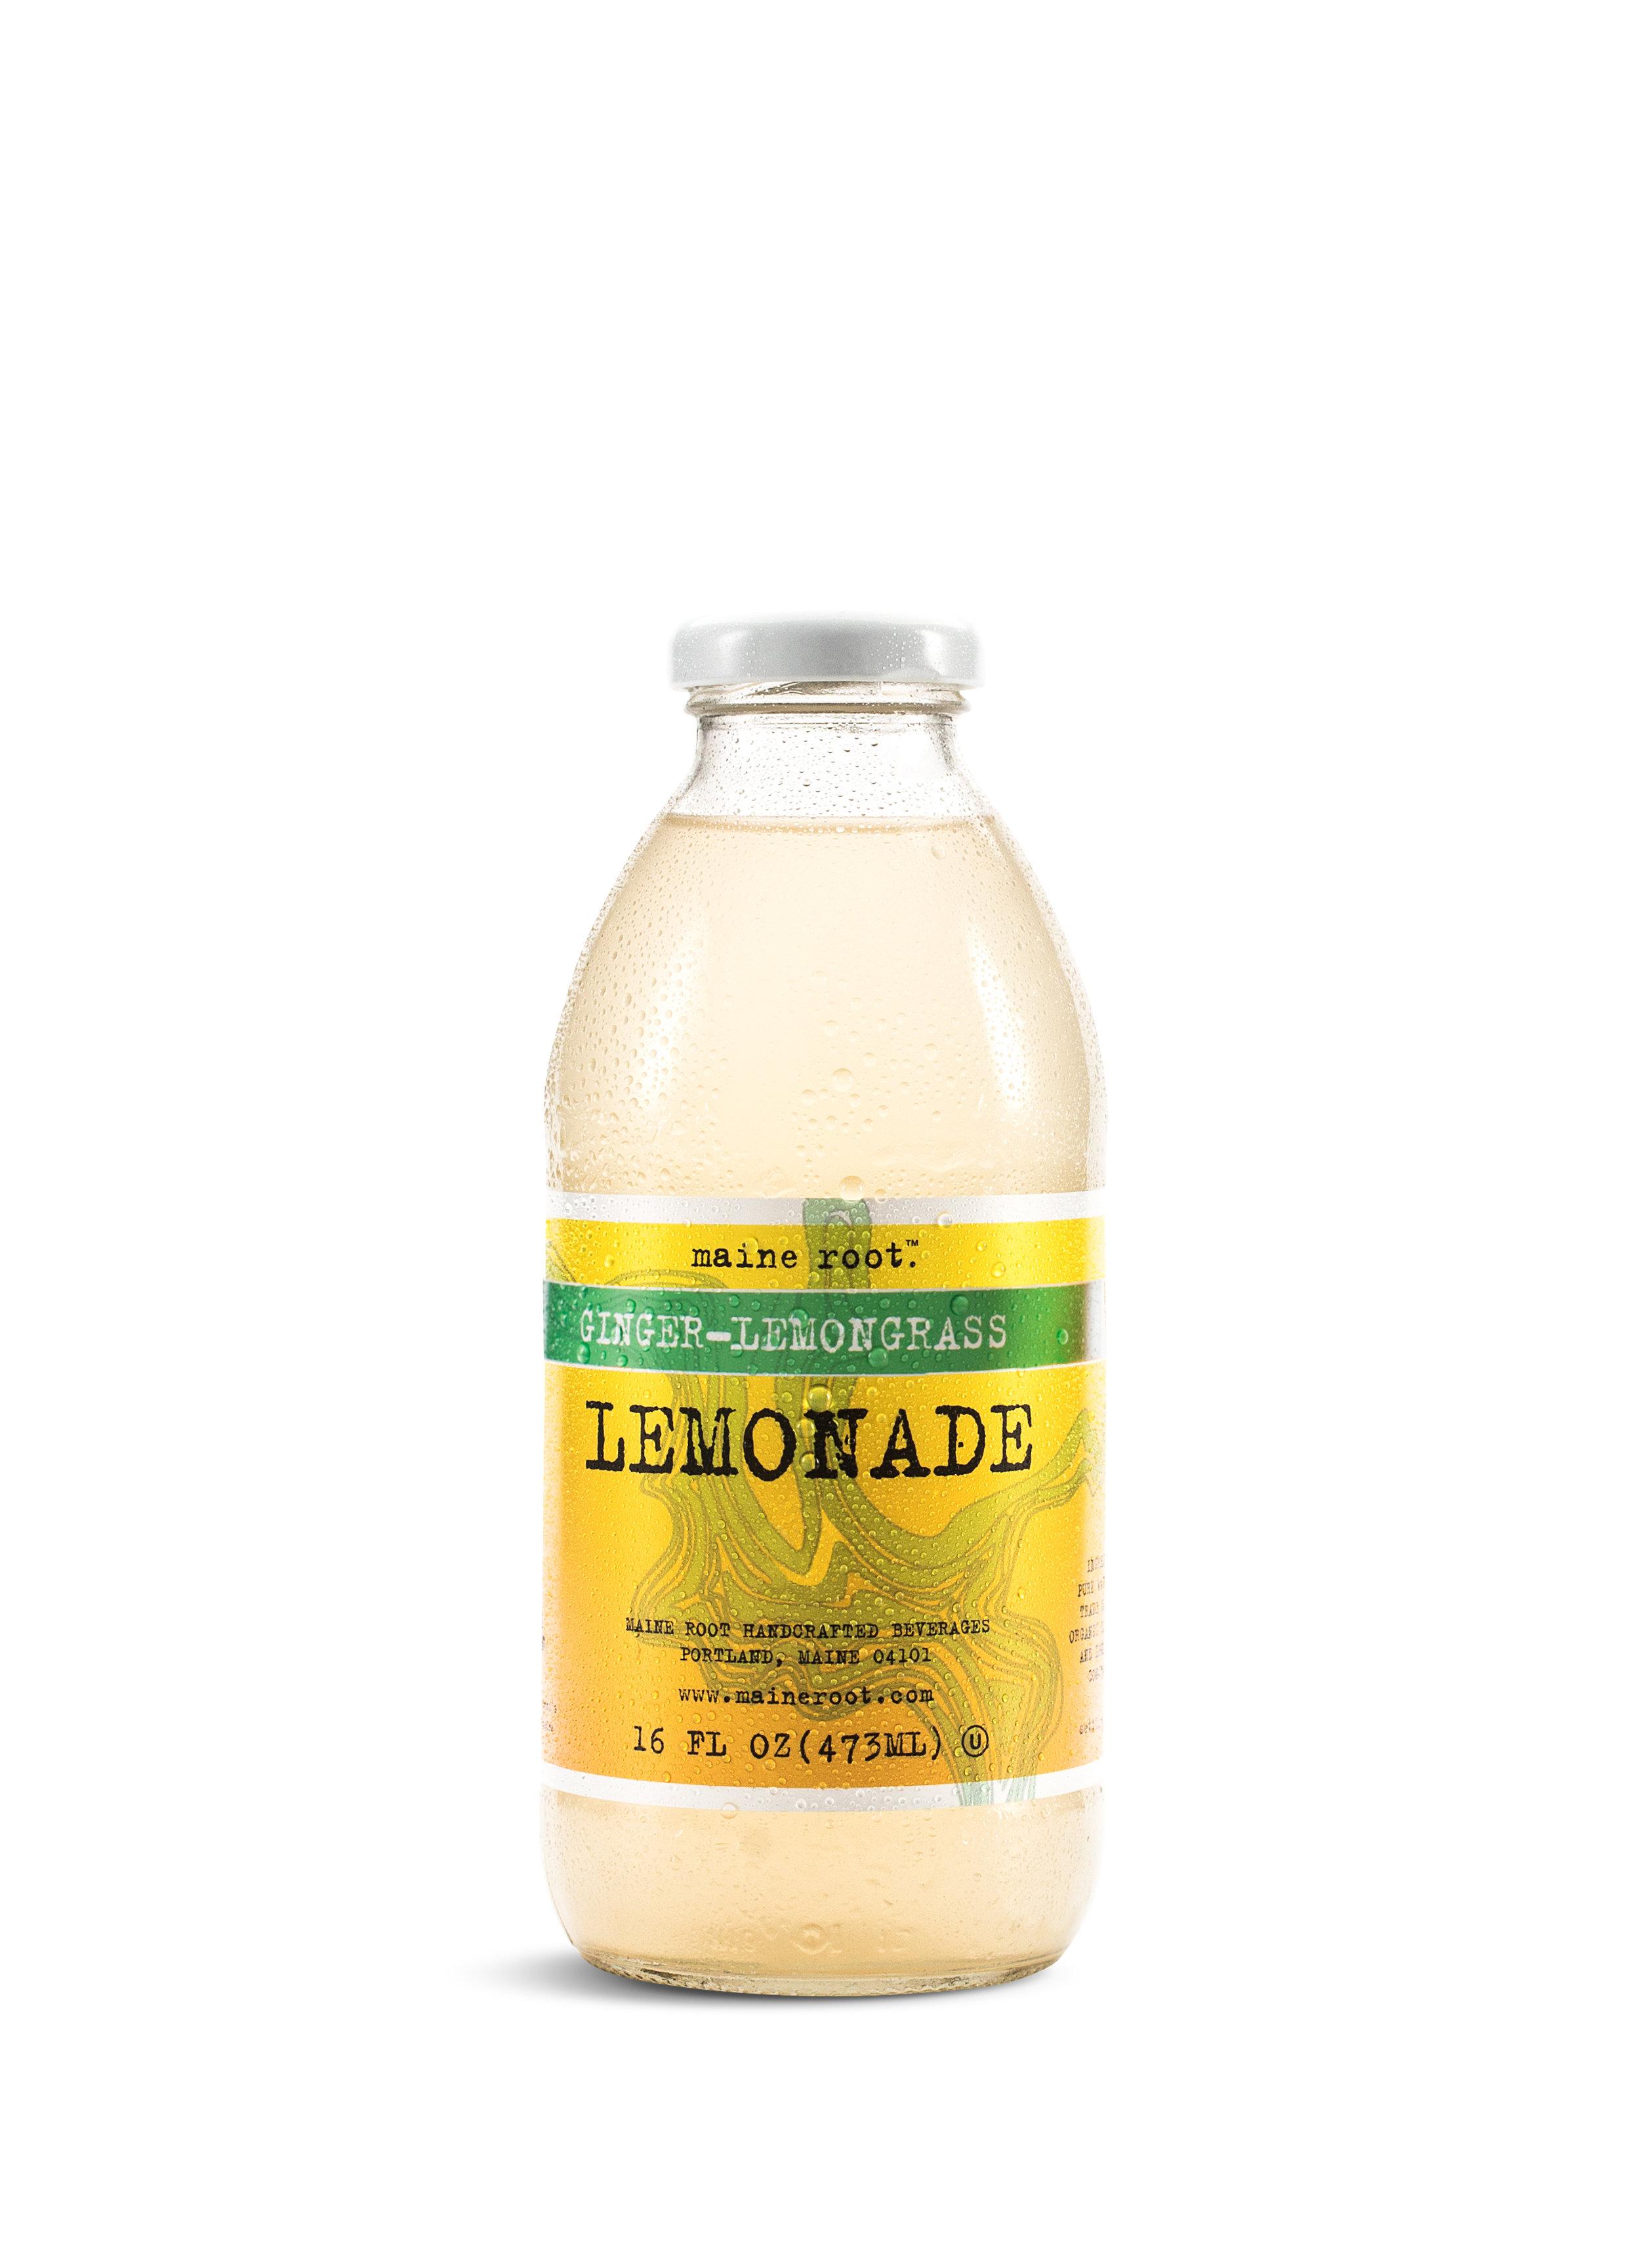 lemonade-lemongrass-single-white.jpg